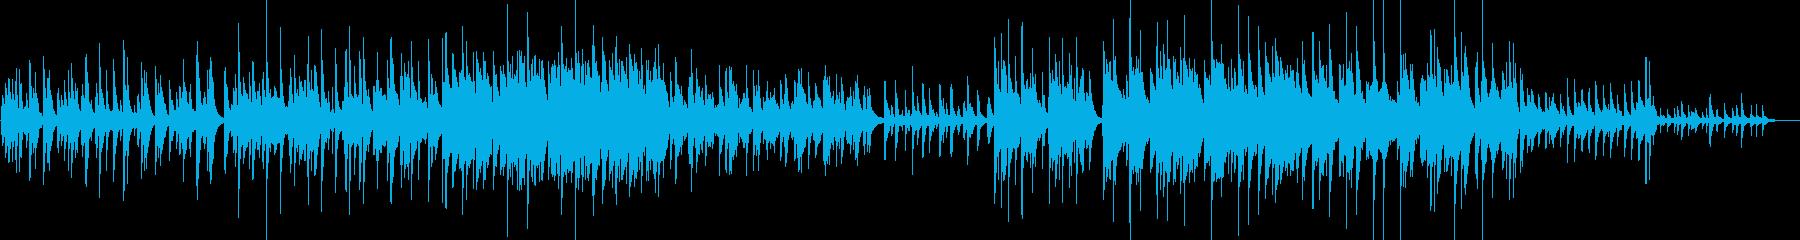 【ピアノ・バラード】綺麗なメロディー重視の再生済みの波形